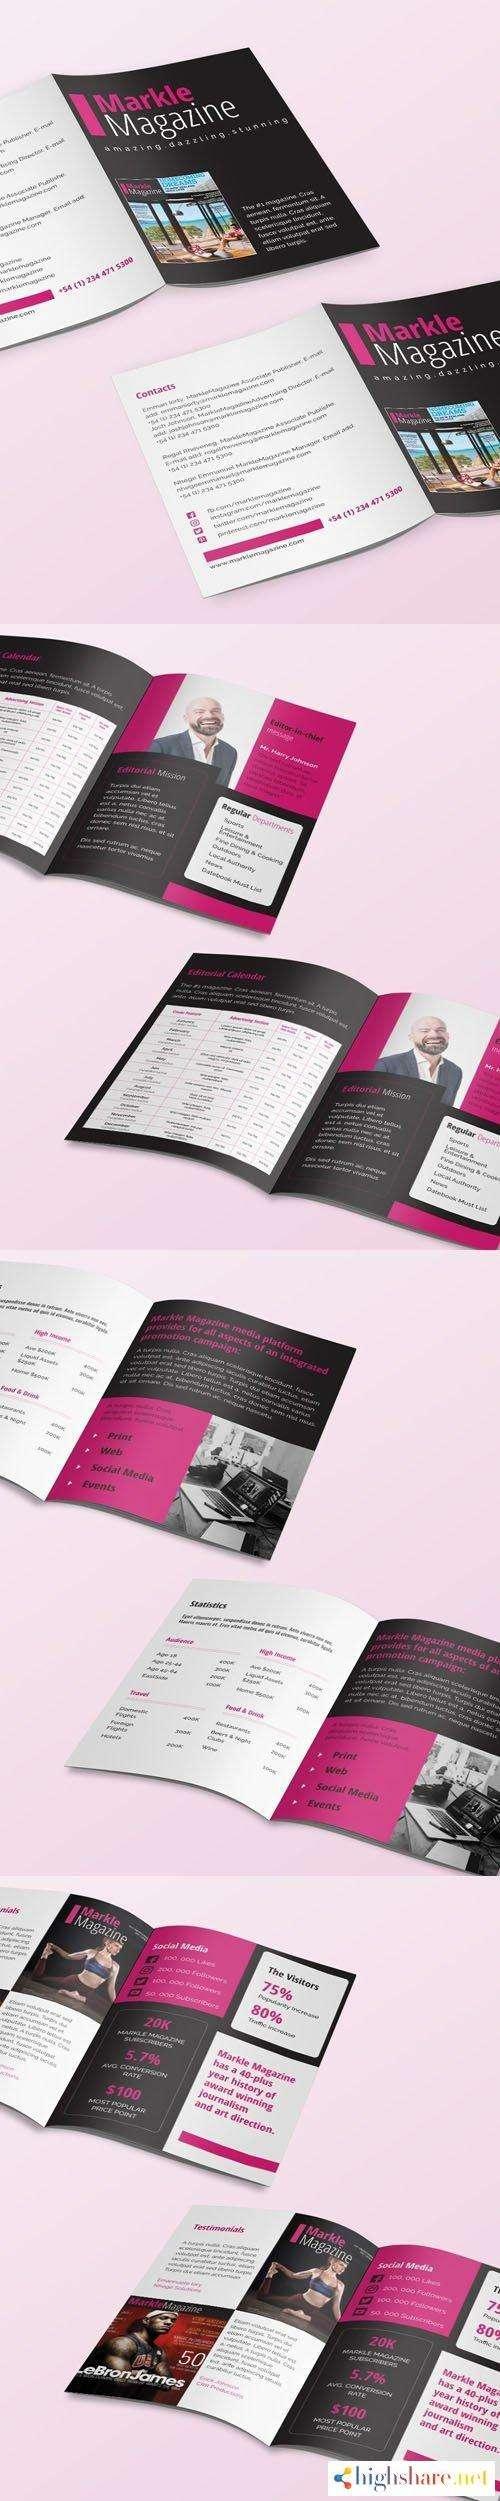 magazine media kit templates 5f41f0d8a015c - Magazine Media Kit Templates